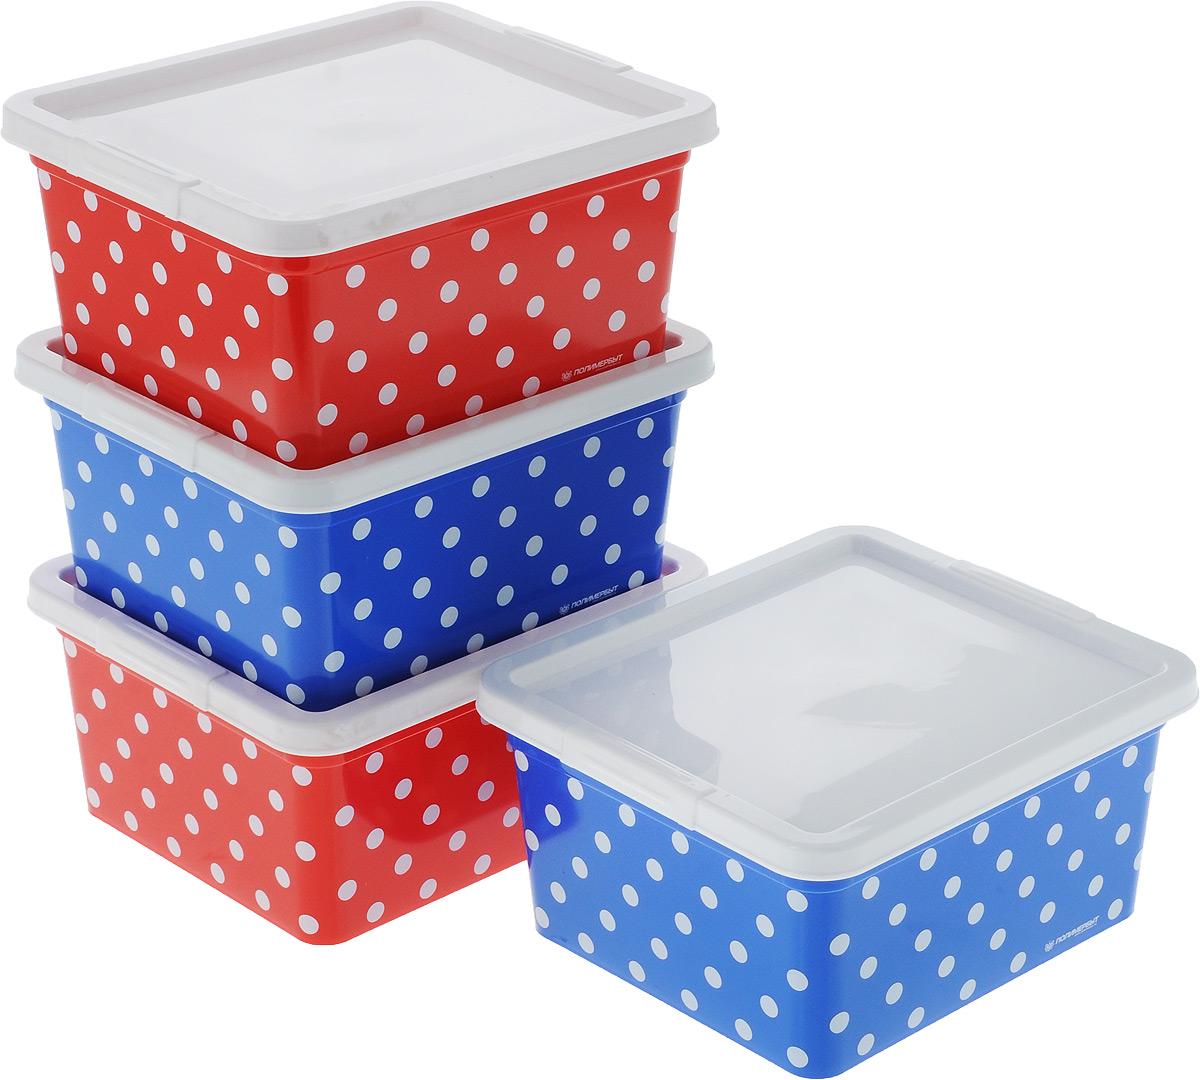 Набор контейнеров для хранения Полимербыт Горох, 4 шт. SGHPBKP69SGHPBKP69Комплект Полимербыт Горох состоит из четырех контейнеров для хранения различных мелочей и принадлежностей. Изделия оформлены оригинальным принтом. Контейнеры оснащены крышками, которые плотно закрывают изделия. Объём контейнеров: 1,9 л. Размеры контейнера: 18 х 15,5 х 8,5 см